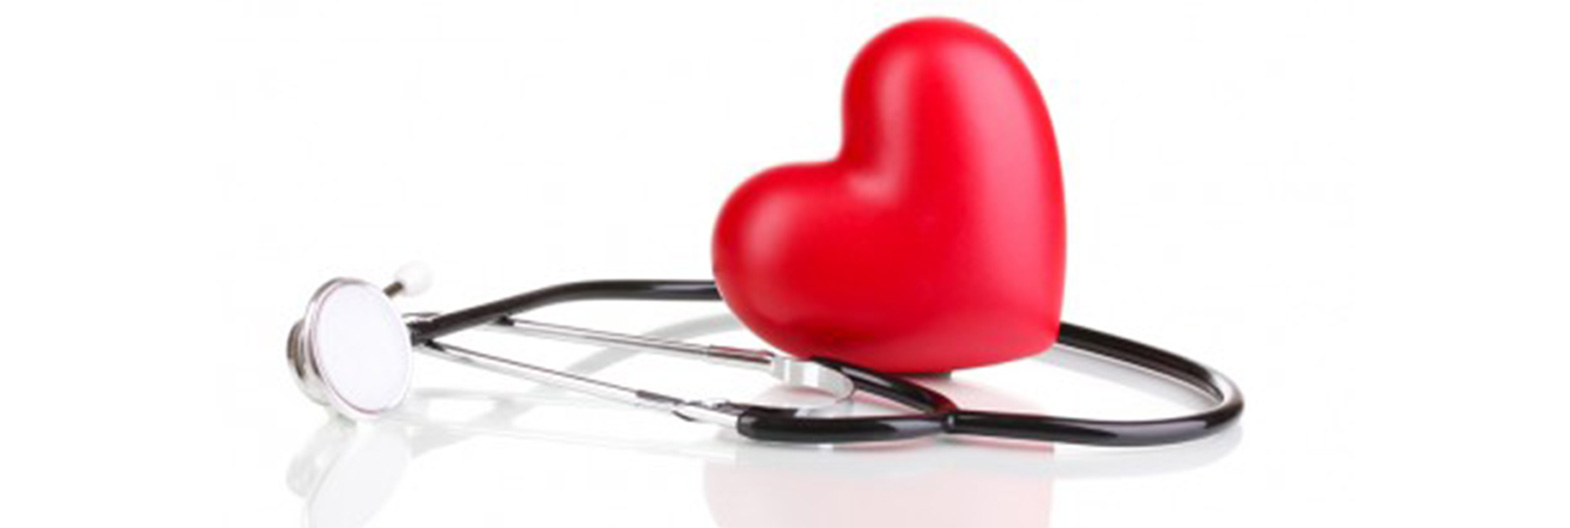 ashwagandha širdies sveikata tradiciniai kovos su hipertenzija metodai